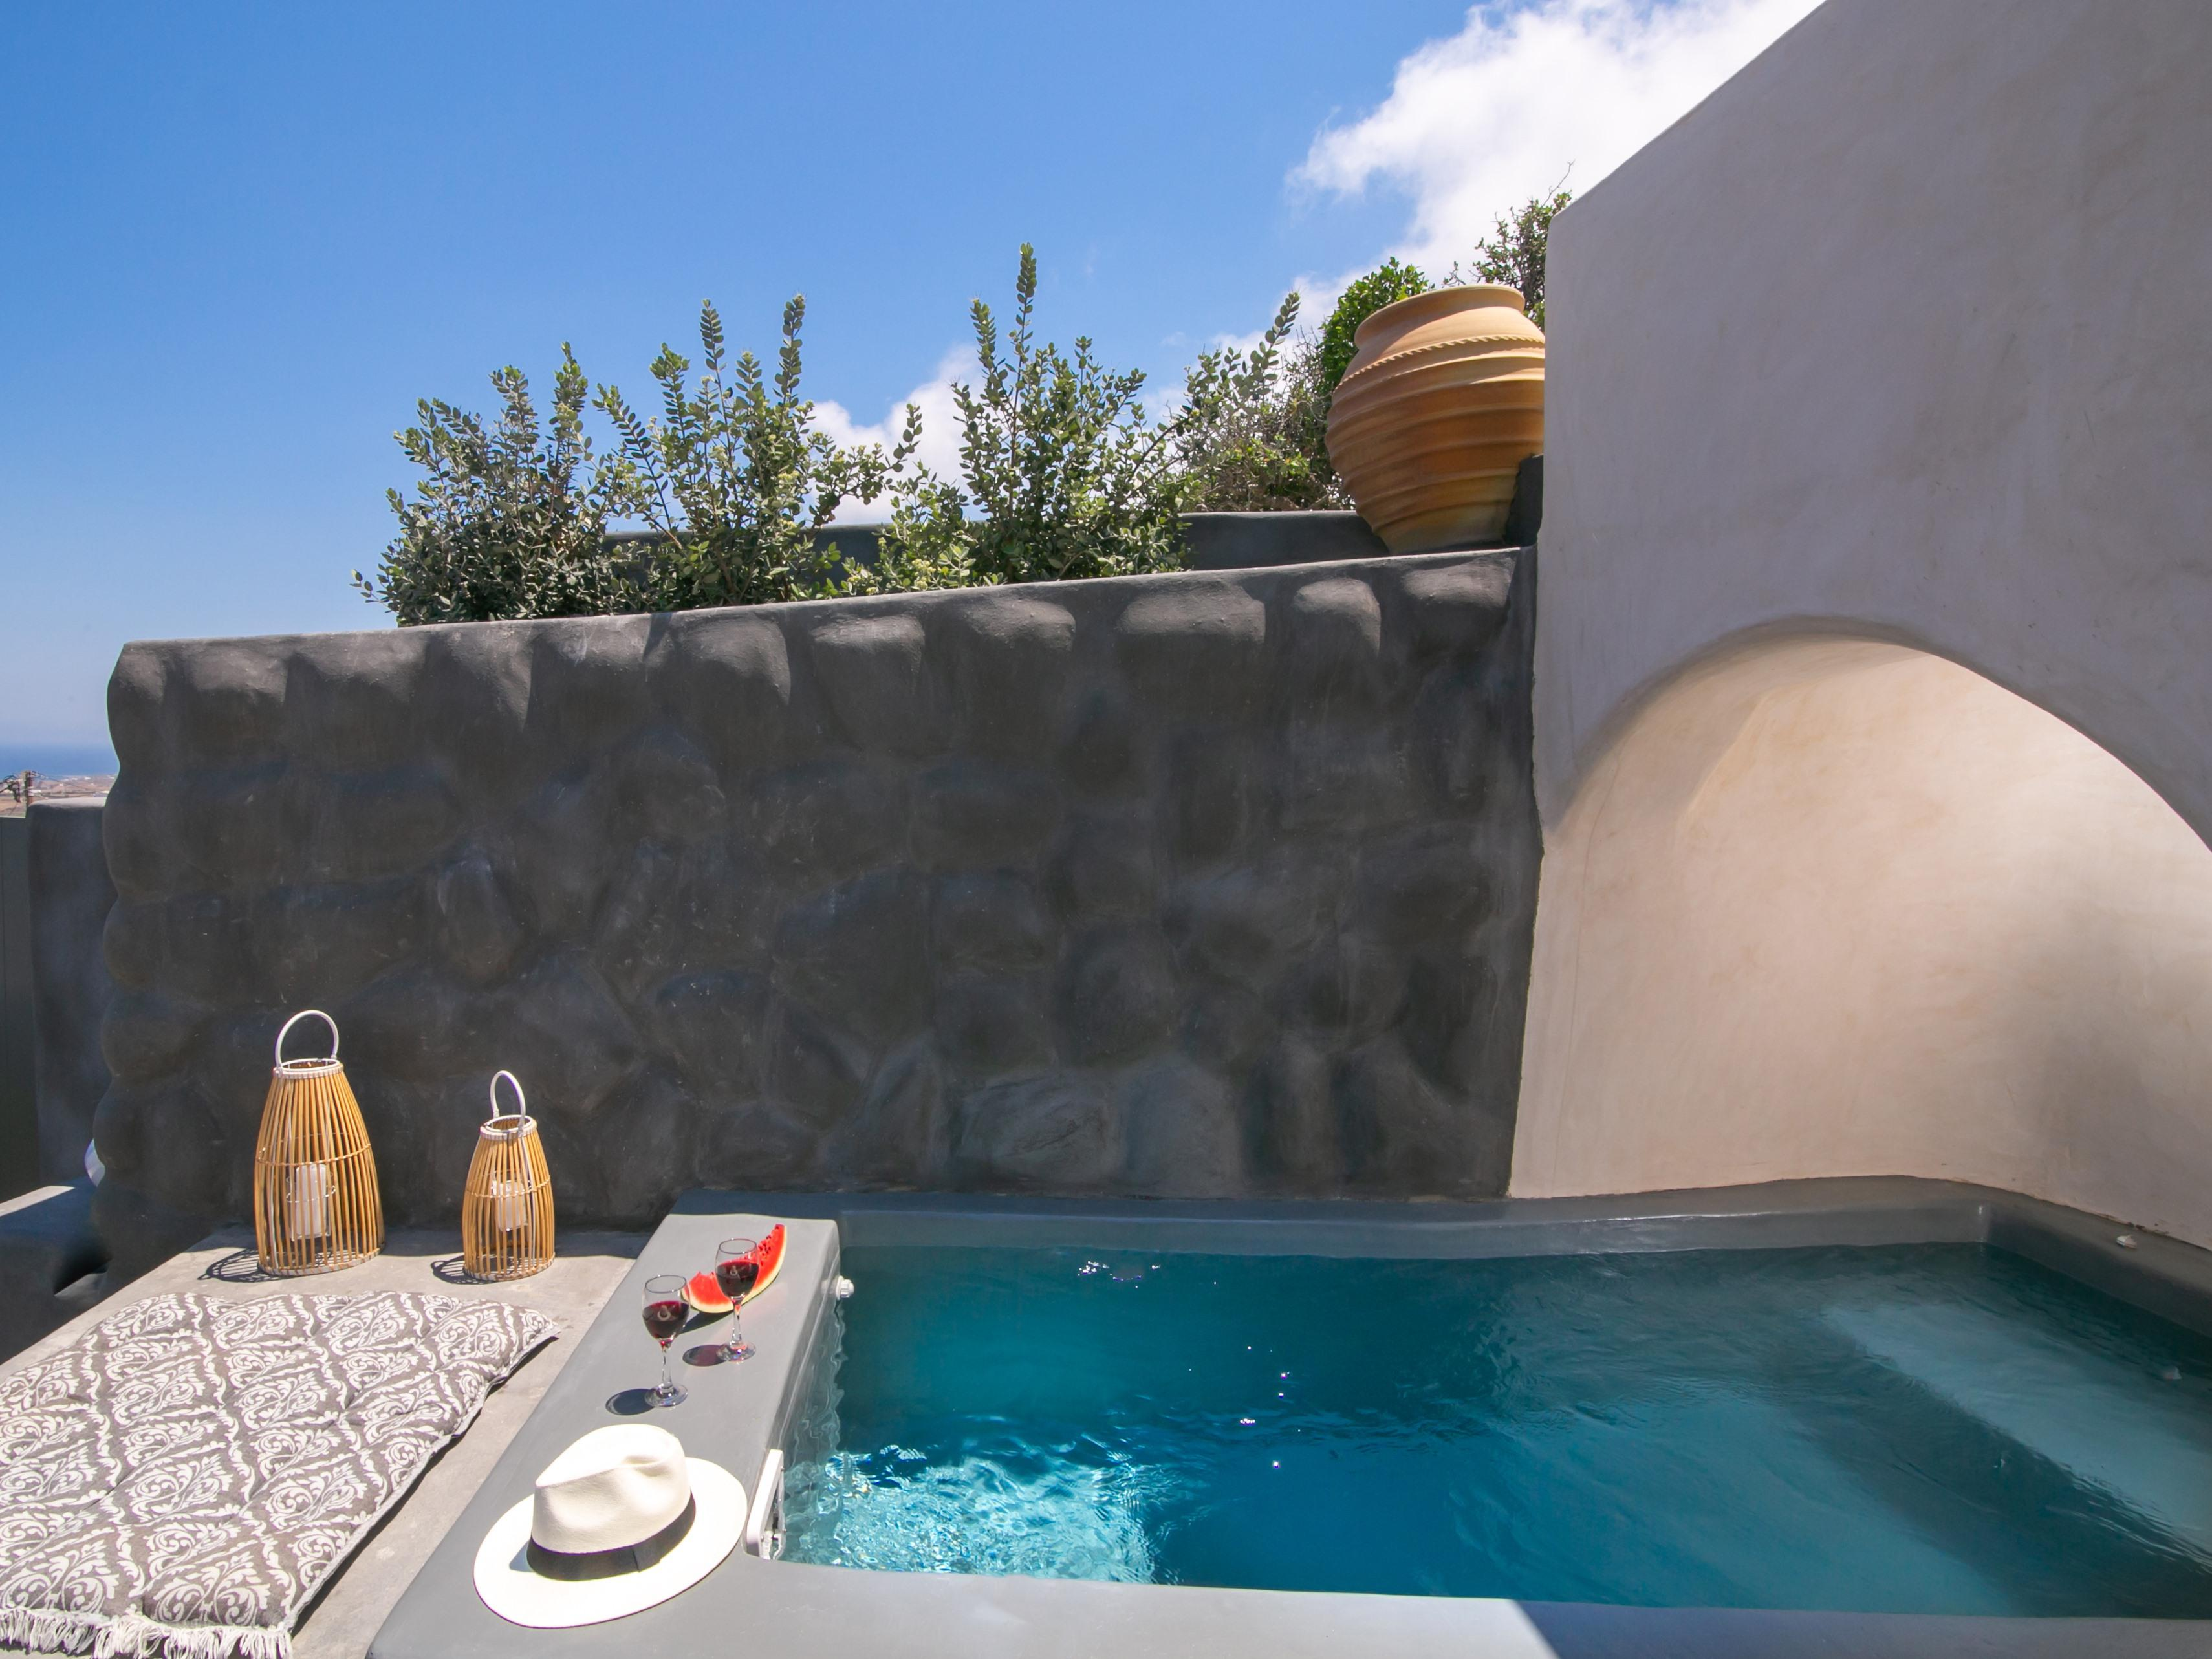 Rinia w/t Outdoor hot tub